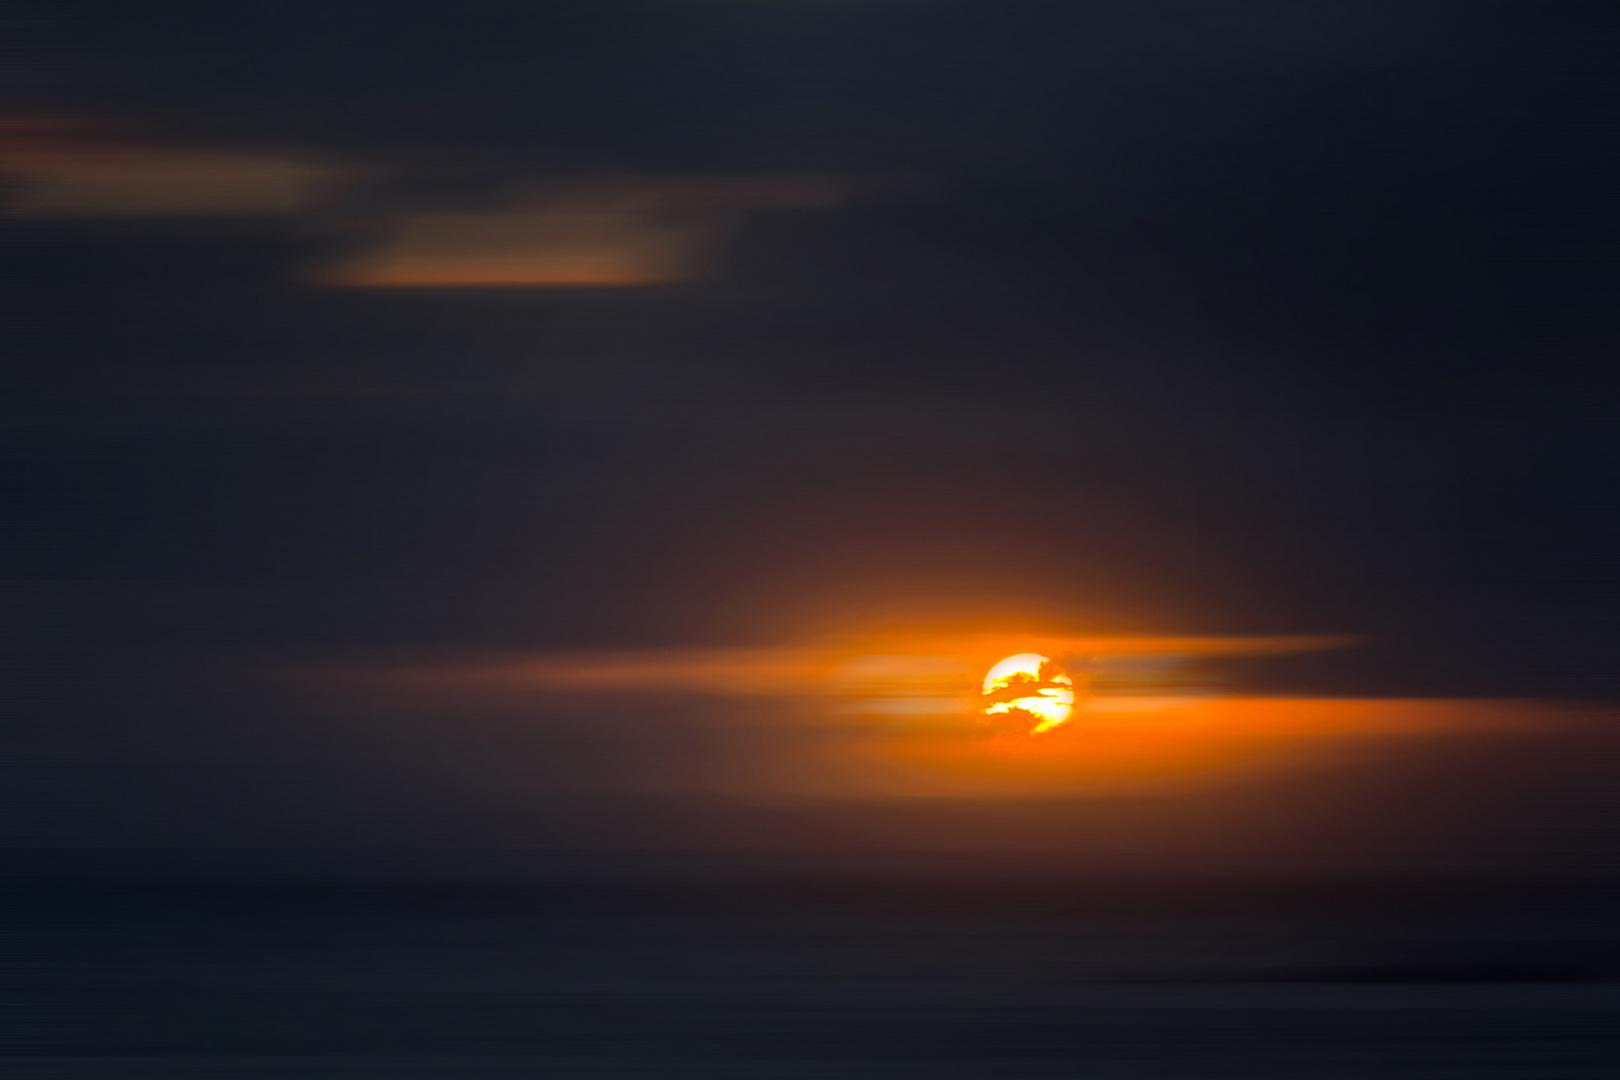 Ceci n'est pas un coucher de soleil